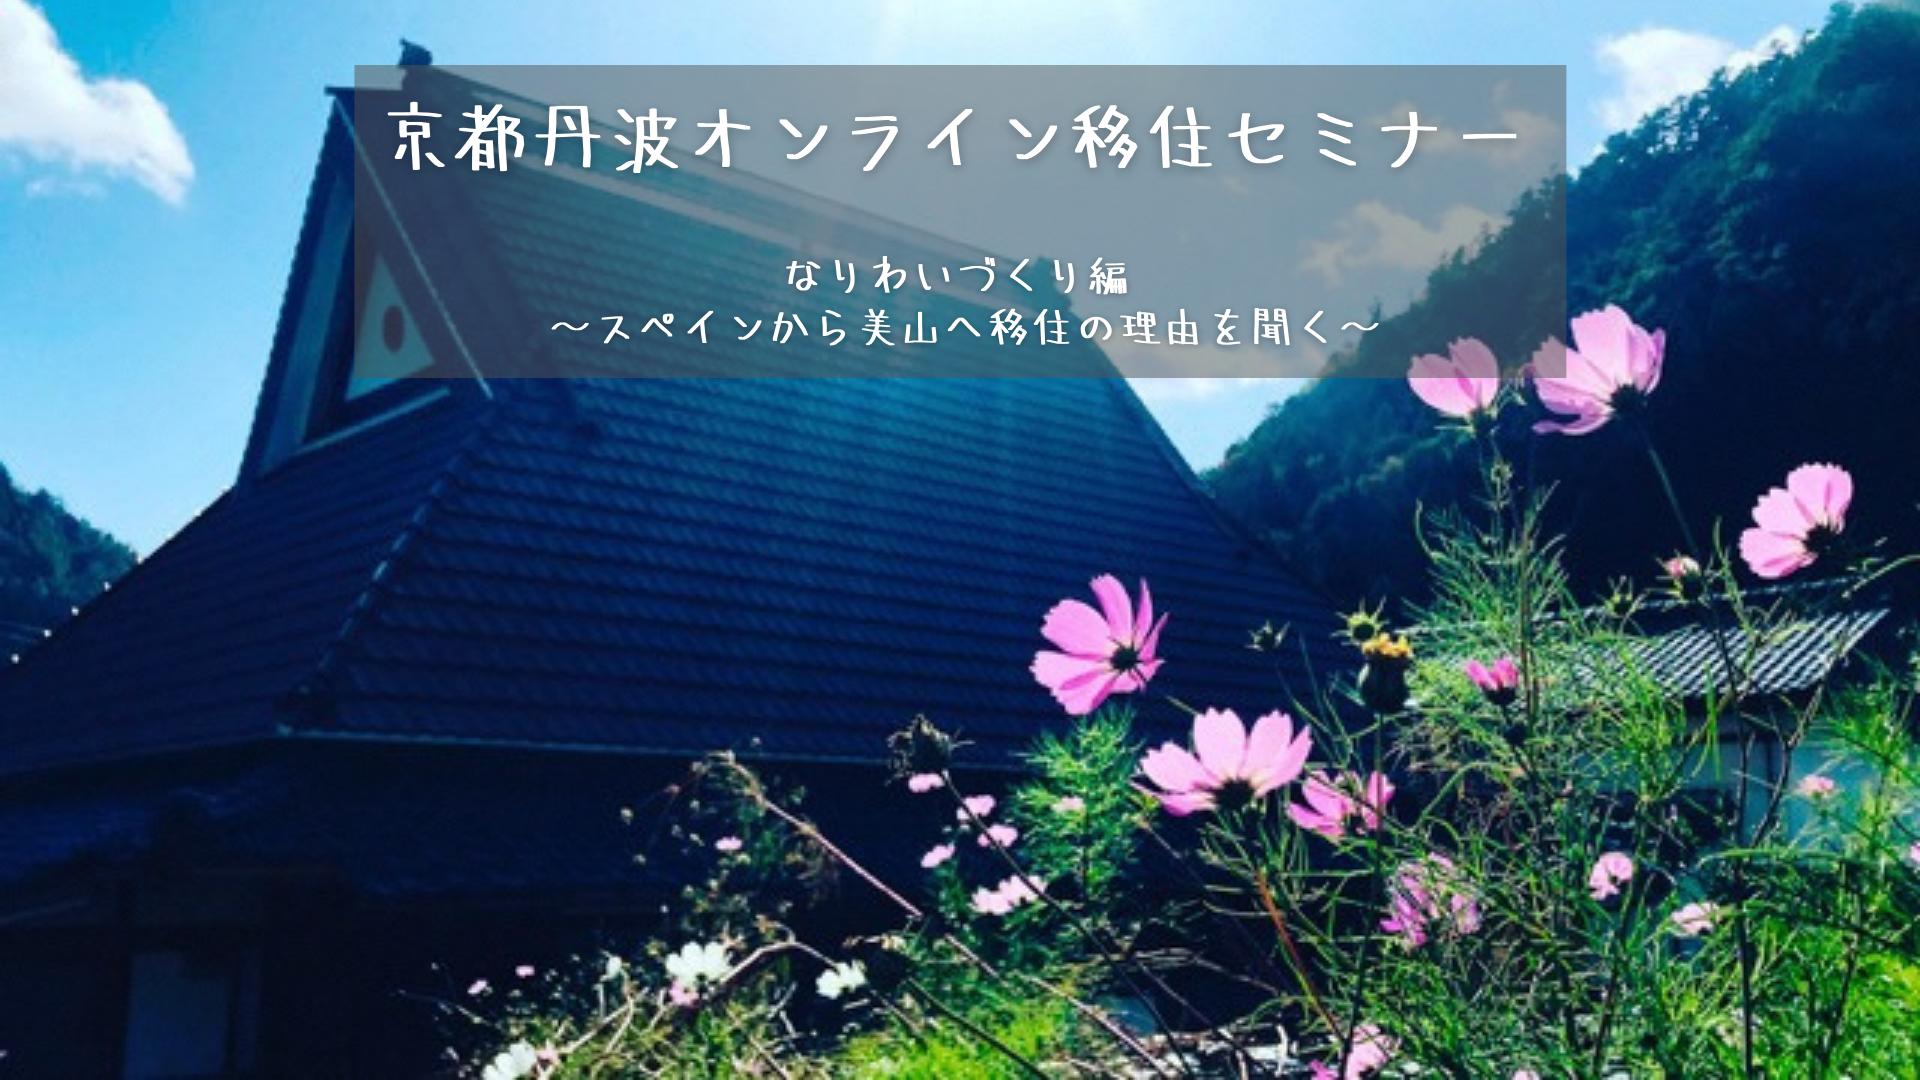 京都丹波オンライン移住セミナー なりわいづくり編~スペインから美山へ移住の理由を聞く~